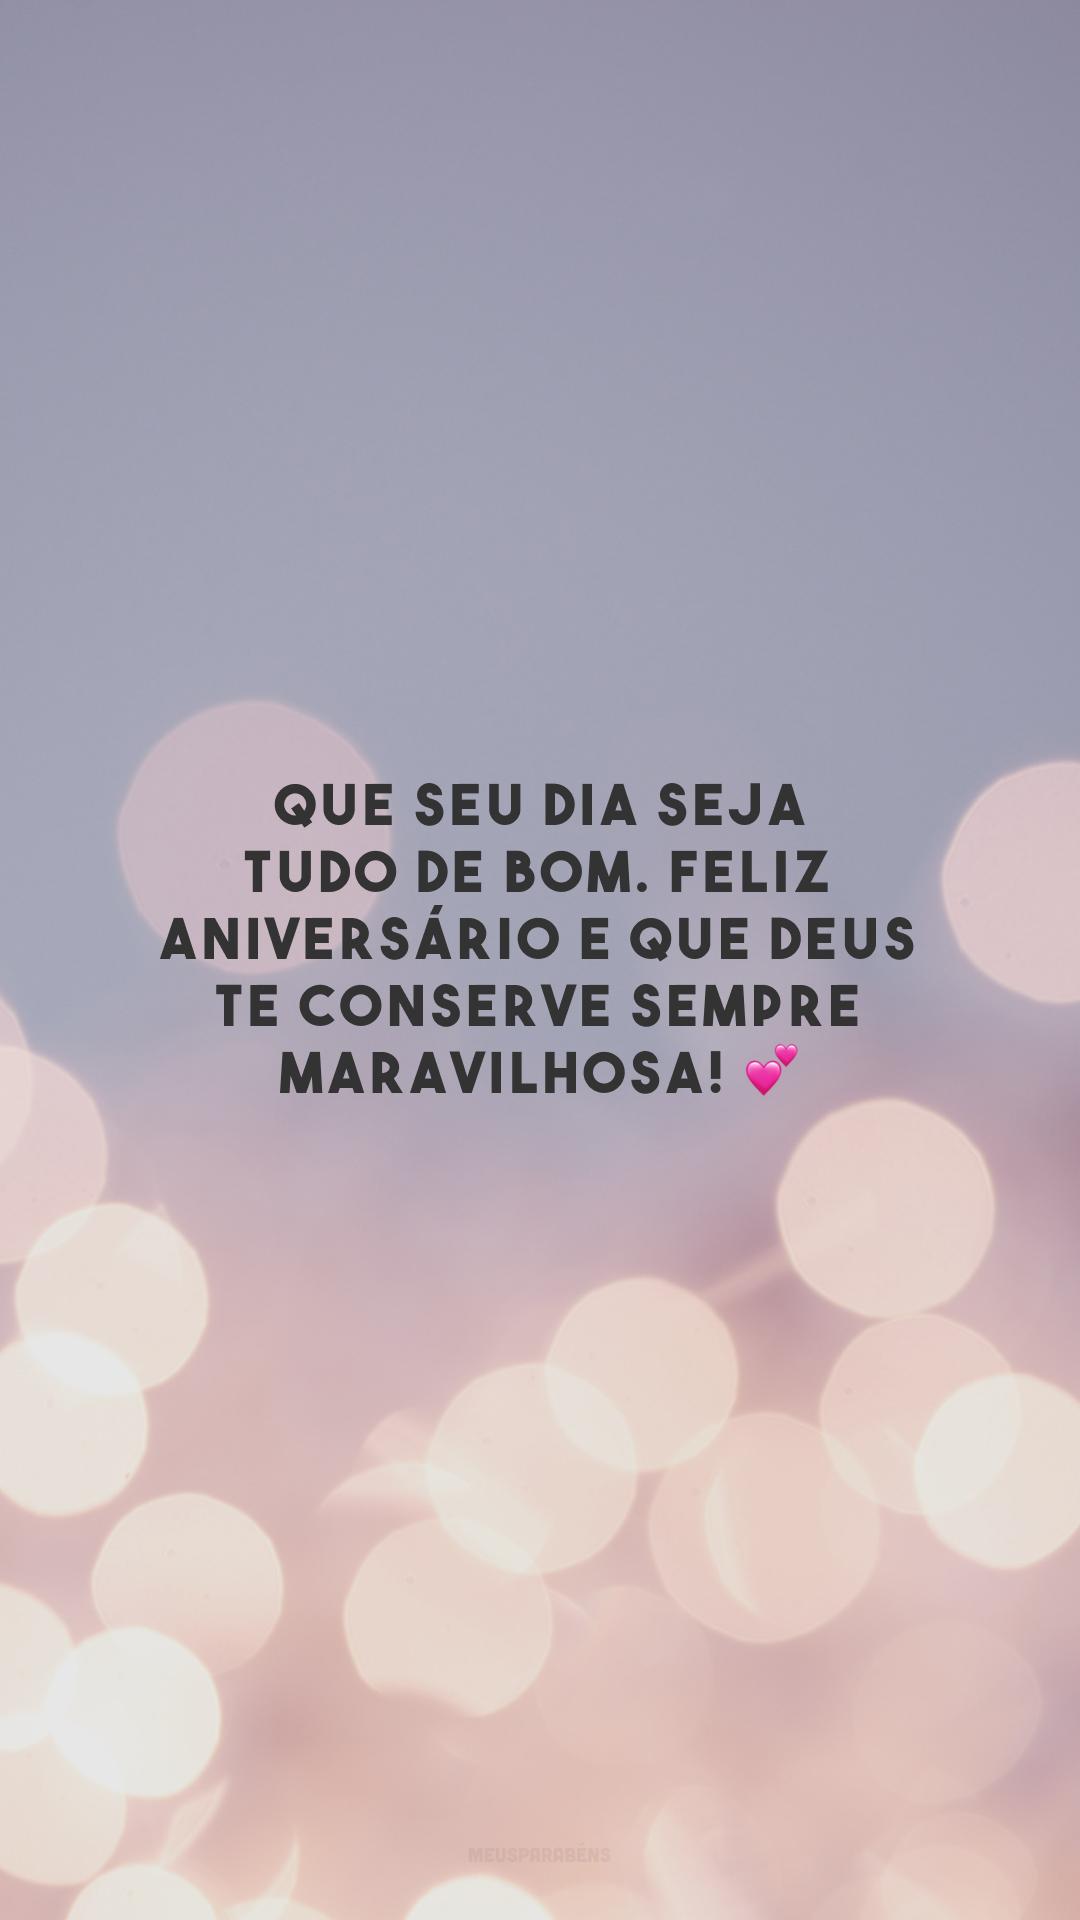 Que seu dia seja tudo de bom. Feliz aniversário e que Deus te conserve sempre maravilhosa! 💕